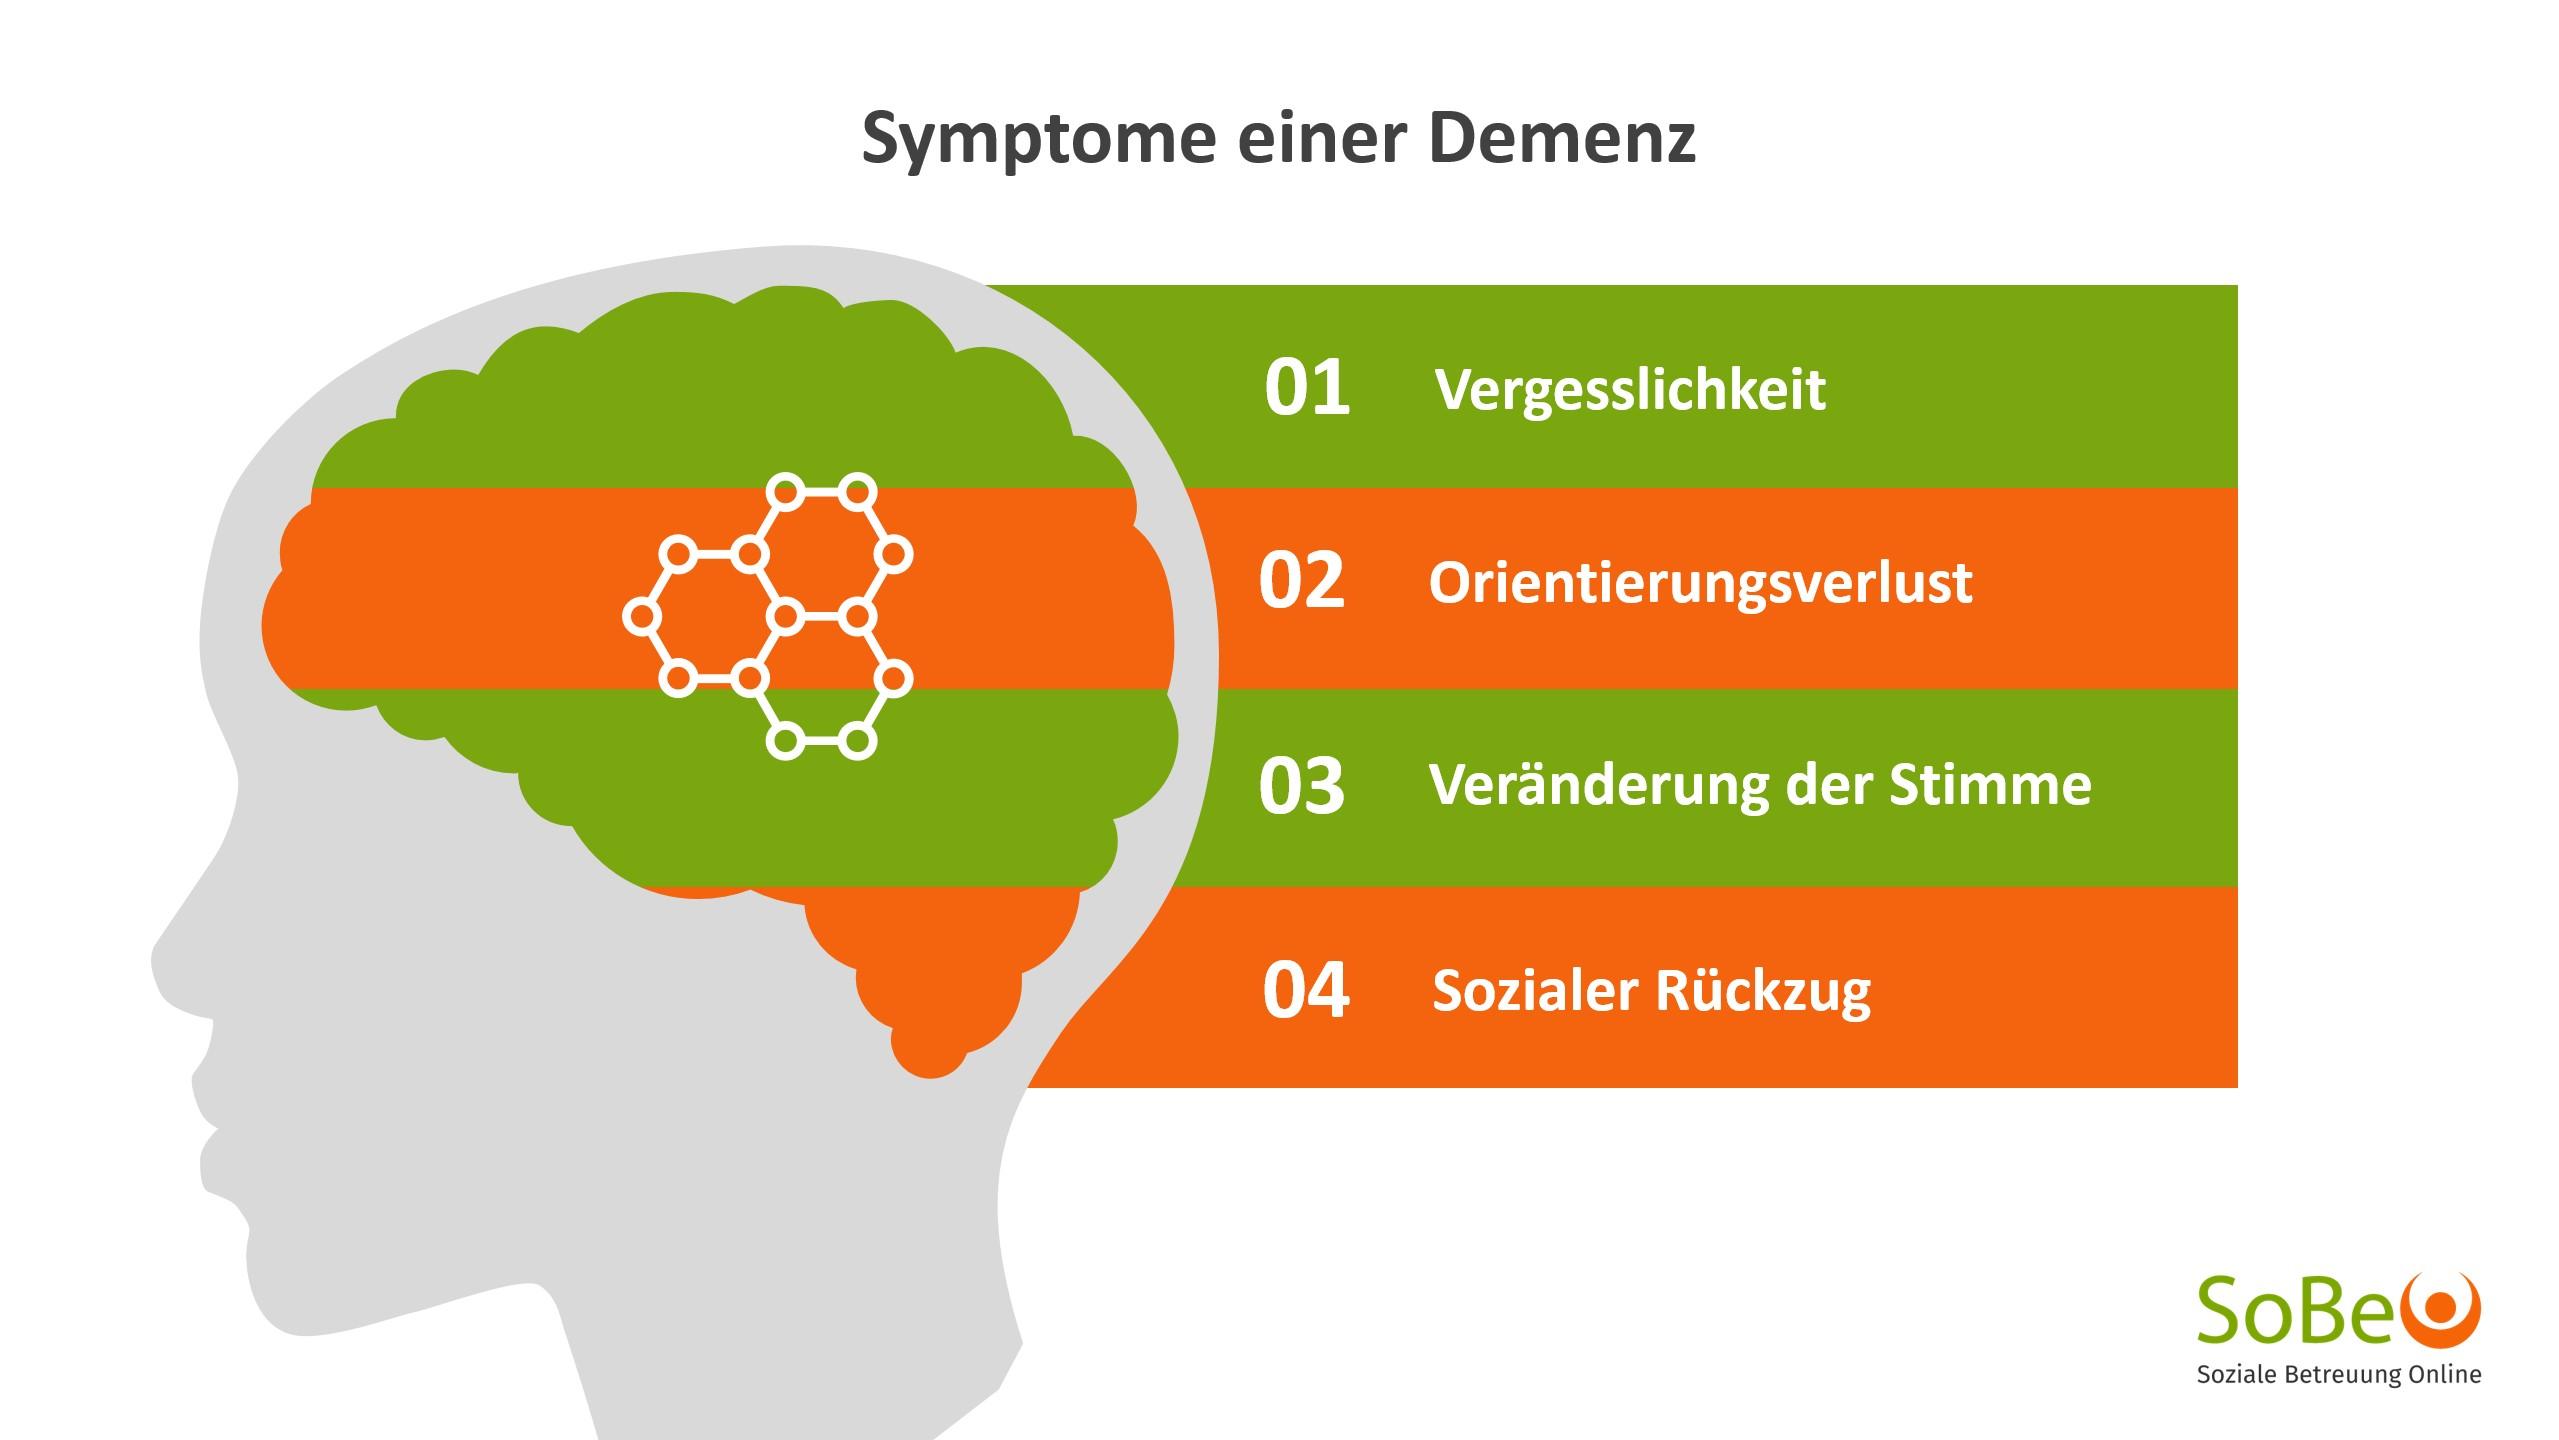 Symptome Demenz, Symptome Altersdemenz, Symptome Alzheimer Demenz, Anzeichen von Demenz,